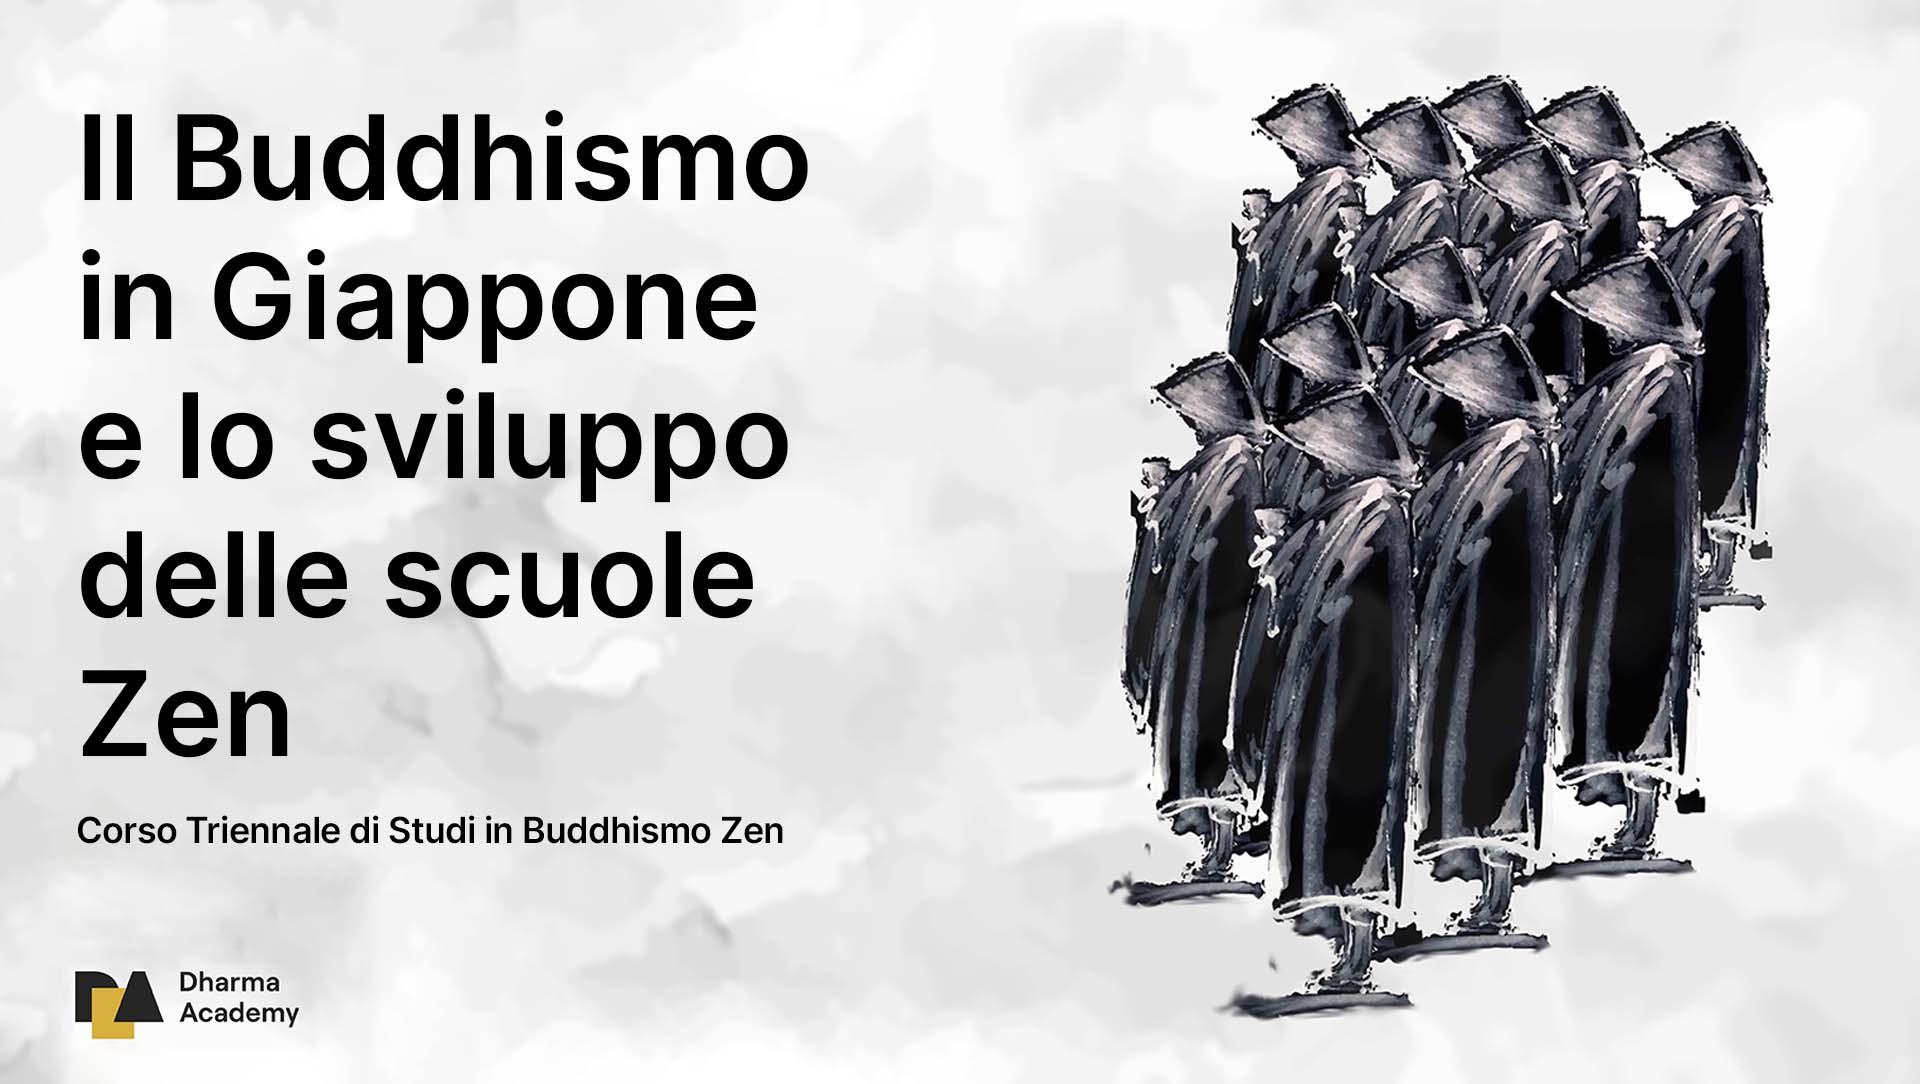 6 e 7 NOVEMBRE: IL BUDDHISMO IN GIAPPONE E LO SVILUPPO DELLE SCUOLE ZEN